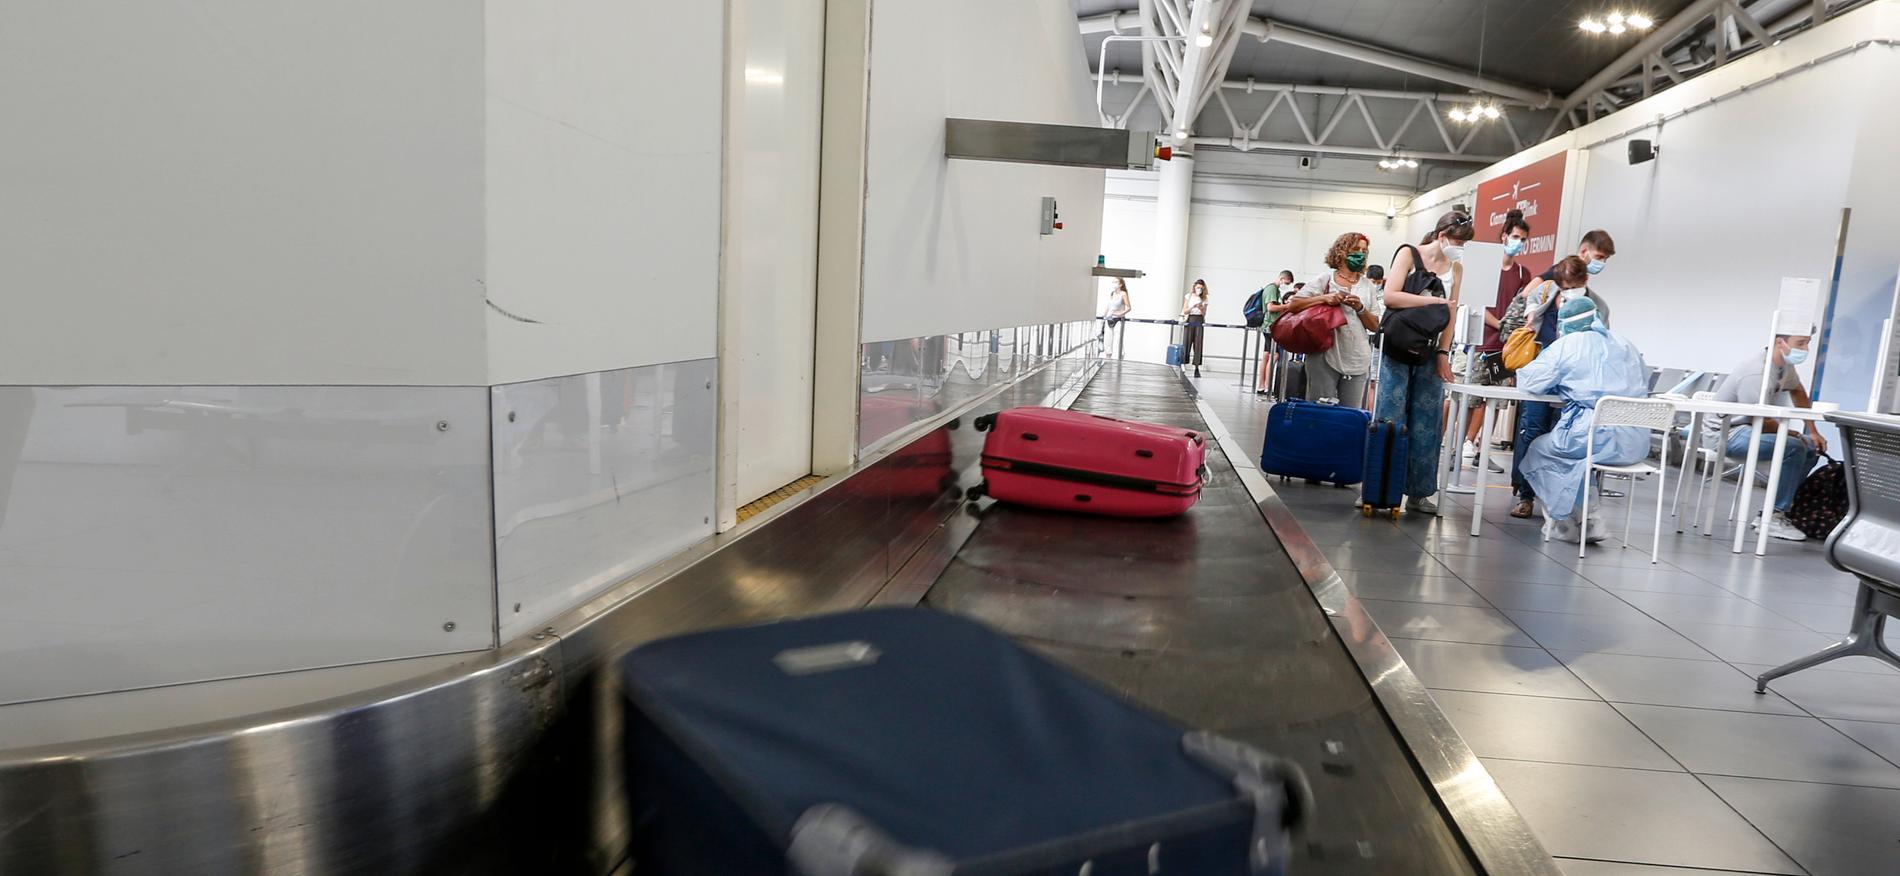 Maffiabossen Maria Licciardi uppges ha gripits på Rom-flygplatsen Ciampino. Arkivbild.